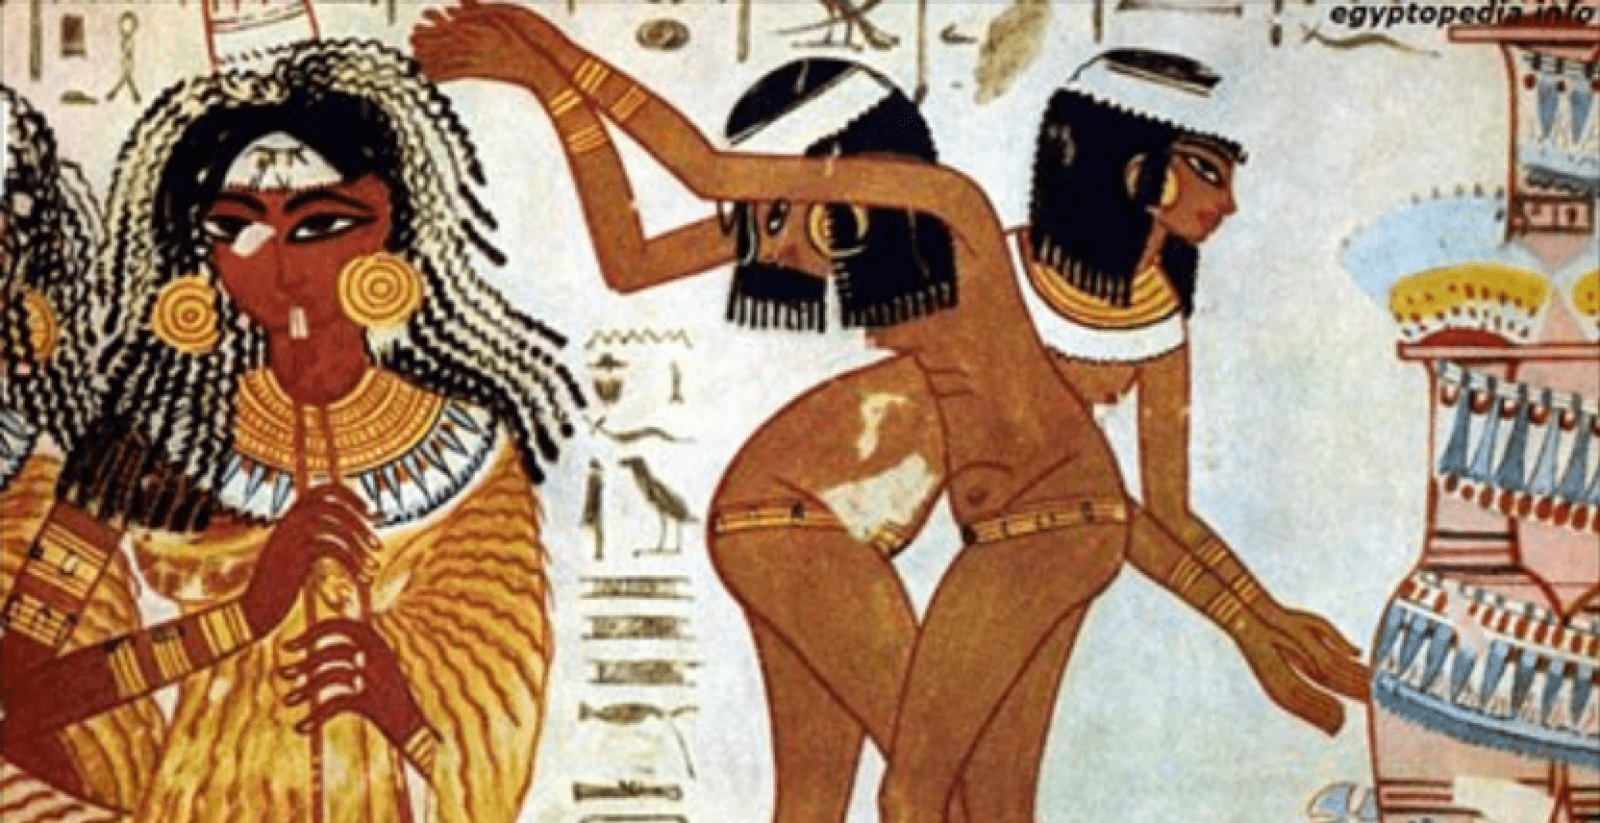 Точность поражает. Невероятный Египетский гороскоп по дате рождения.